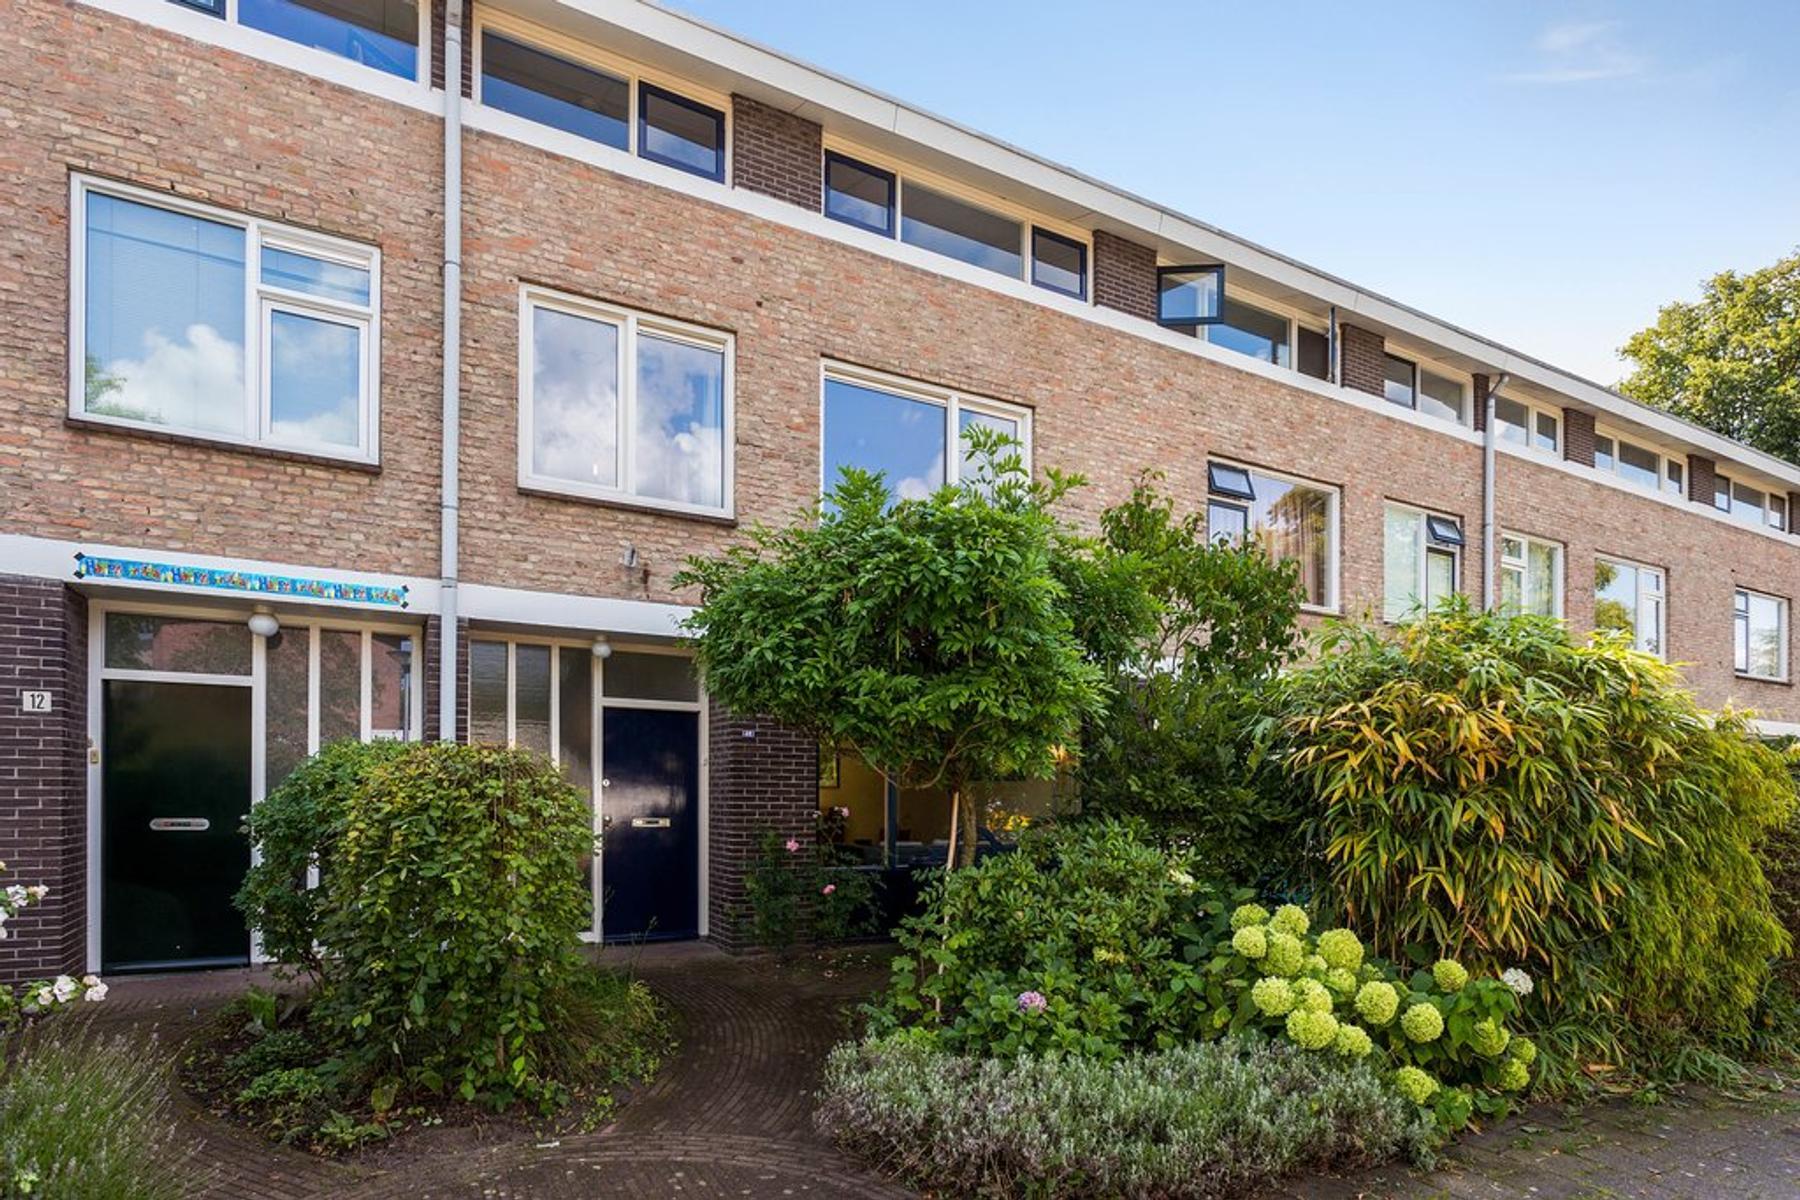 Schumannlaan 10 in Enschede 7522 KE